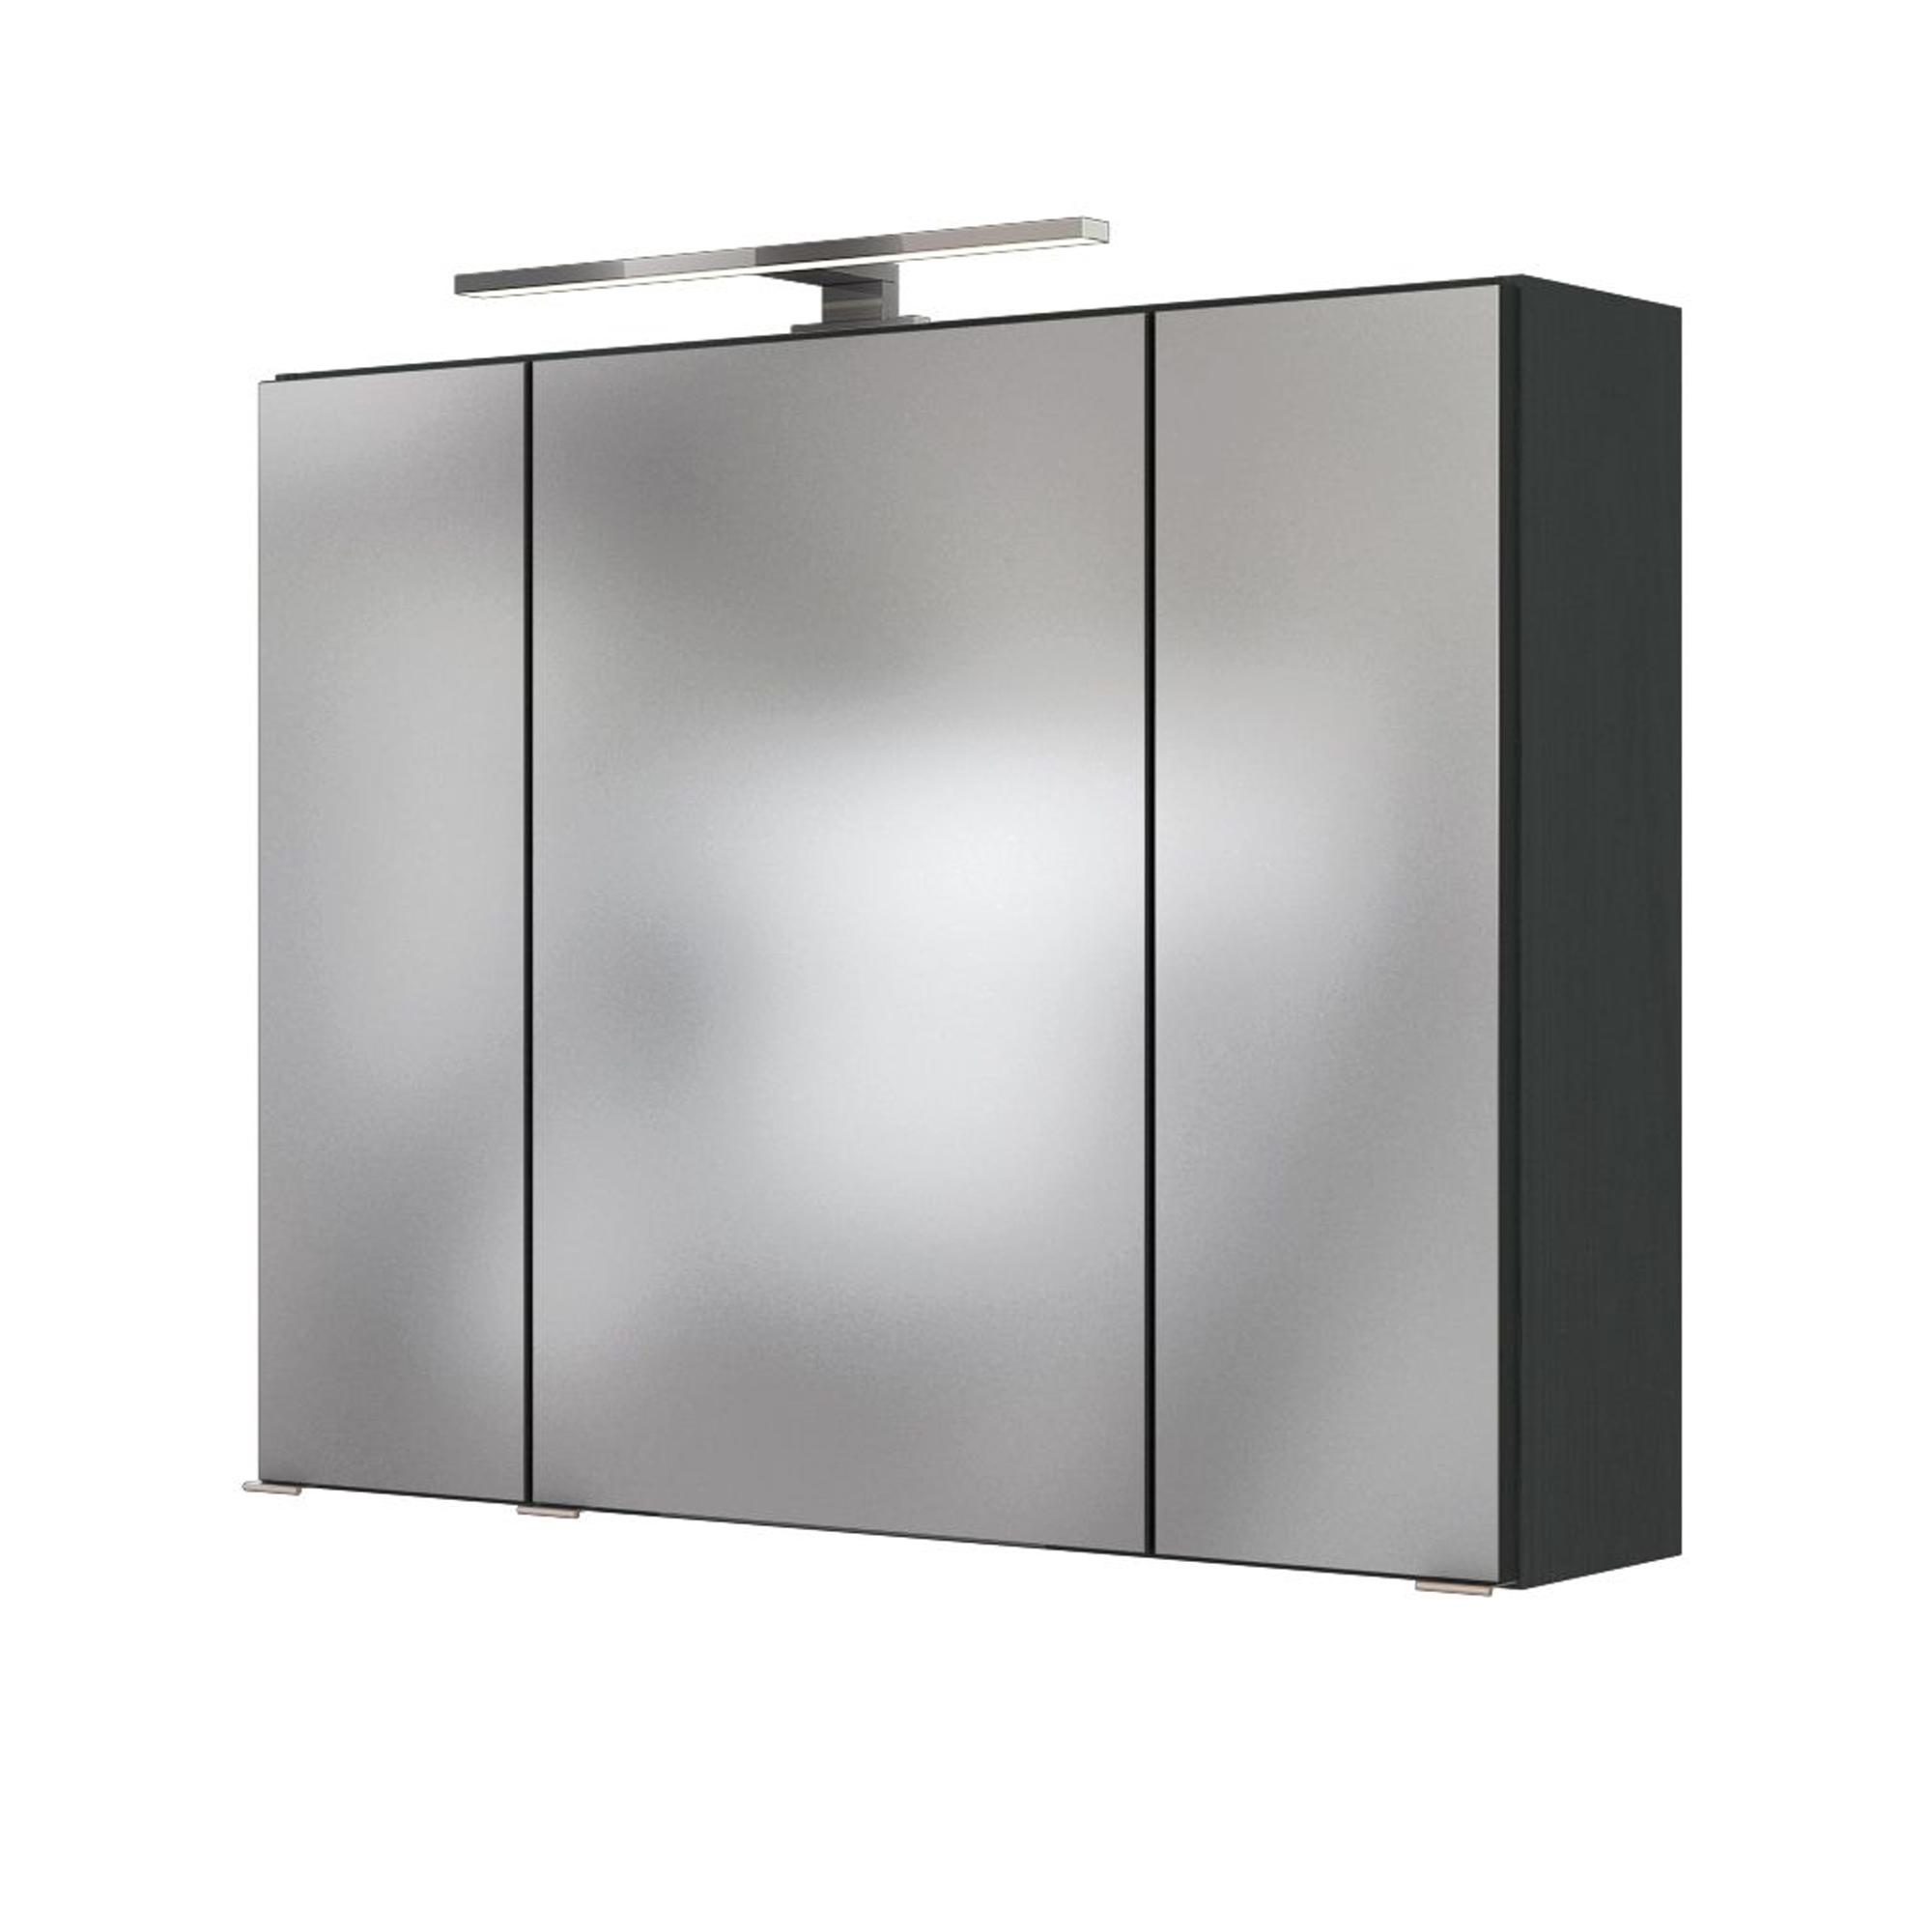 Bad spiegelschrank baabe 3 t rig mit beleuchtung 80 for Bad spiegelschrank 80 cm breit